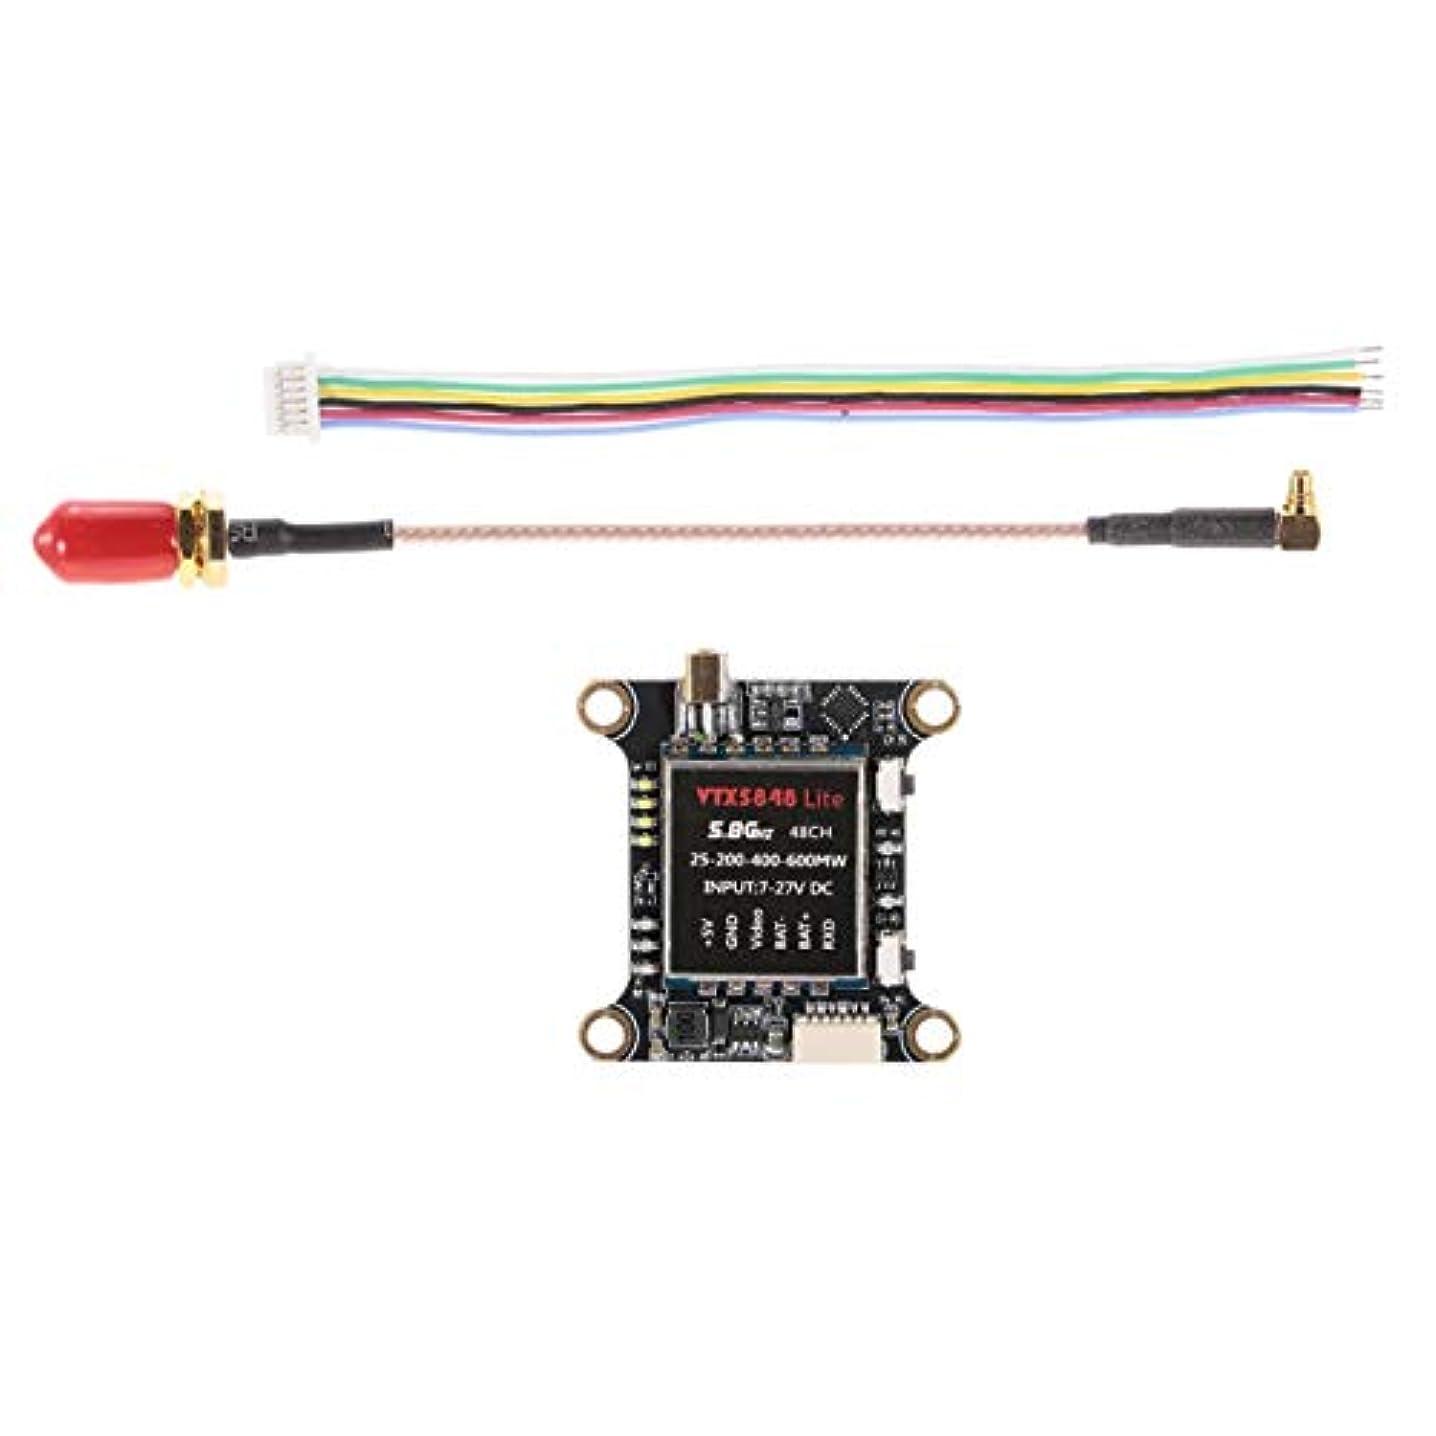 補う調整可能ステートメントDeeploveUU FPV RCマルチコプター用の切替可能VTXビデオ送信機モジュール制御モデル